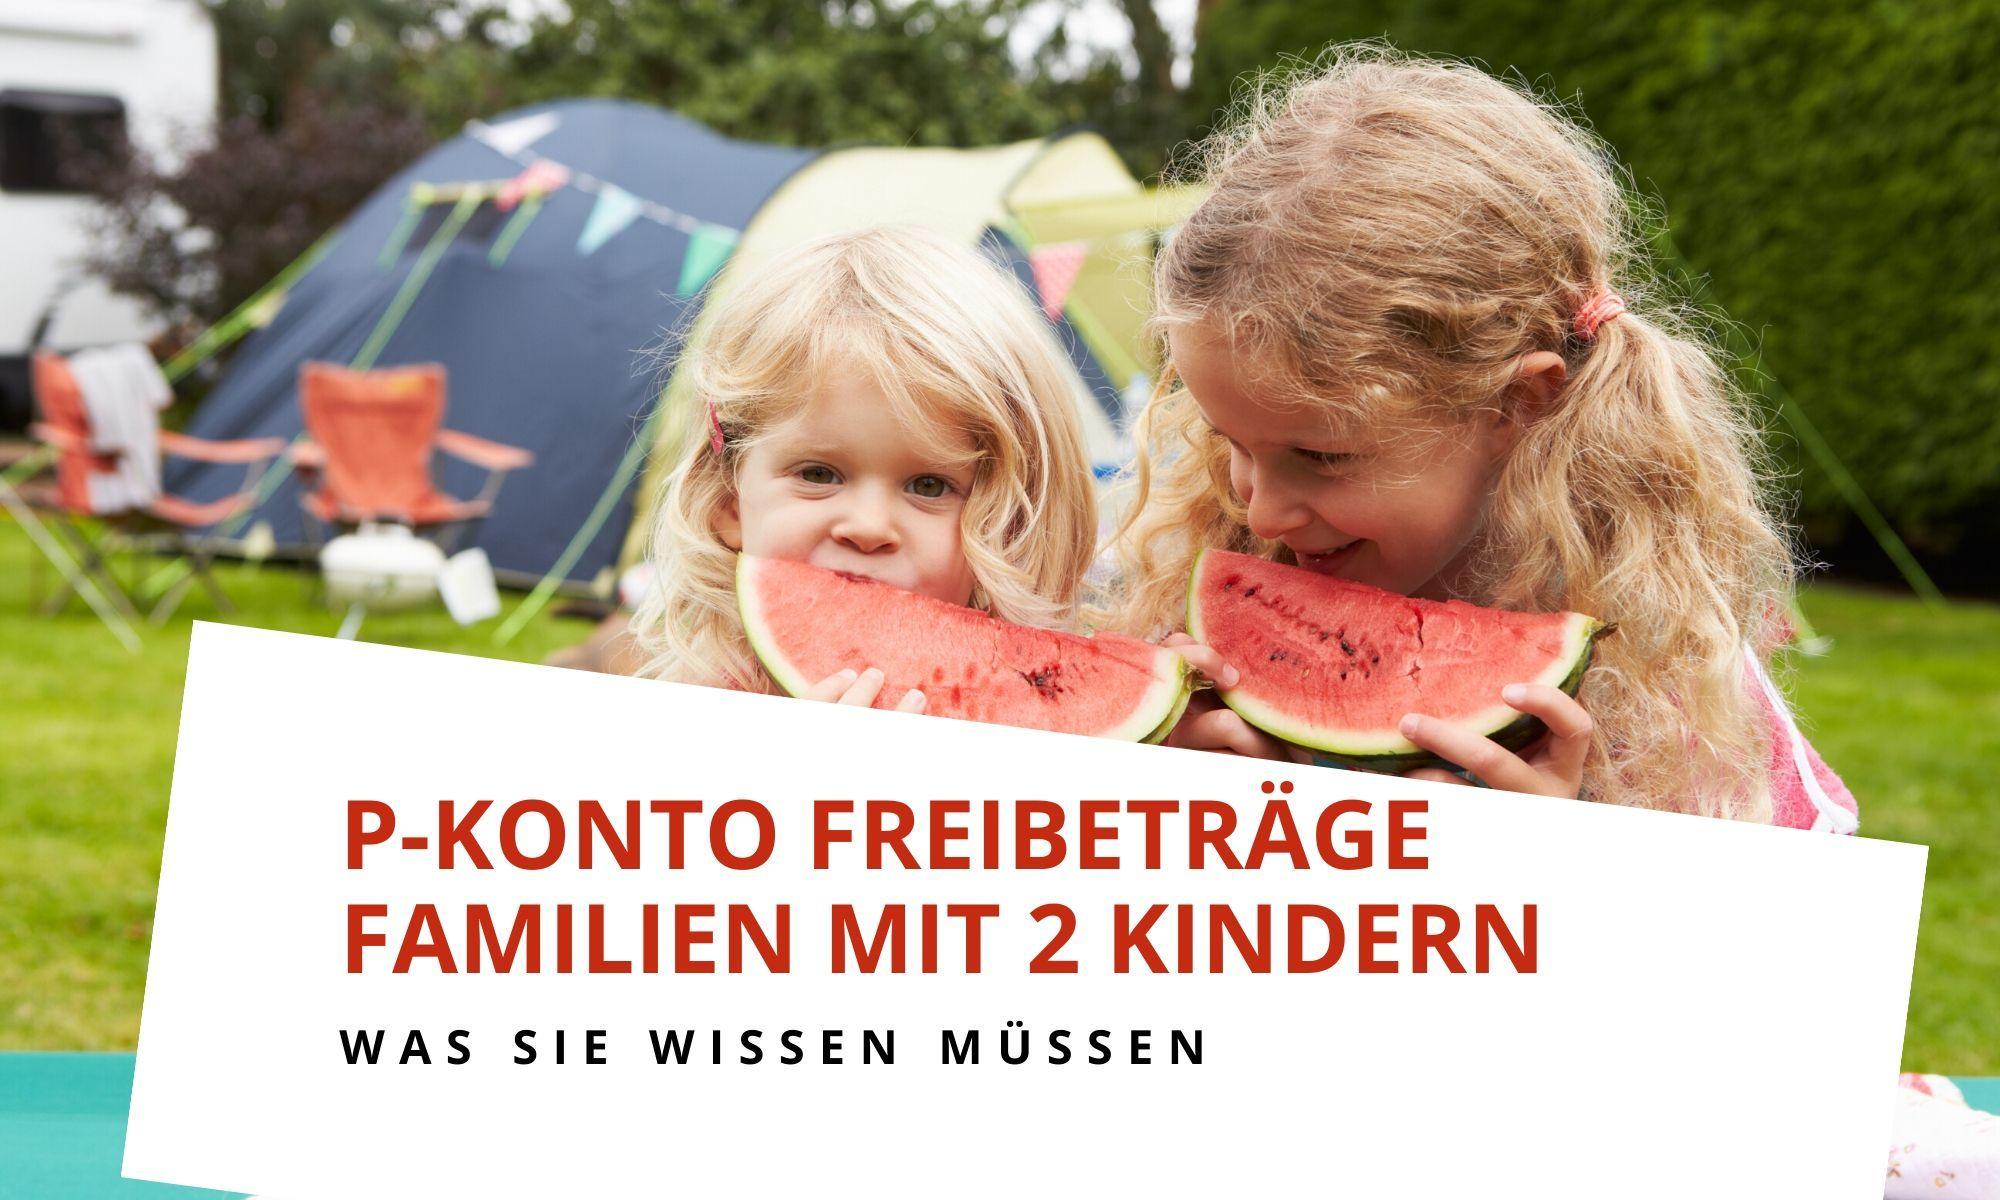 Freibetrag P-Konto mit 2 Kindern in der Familie